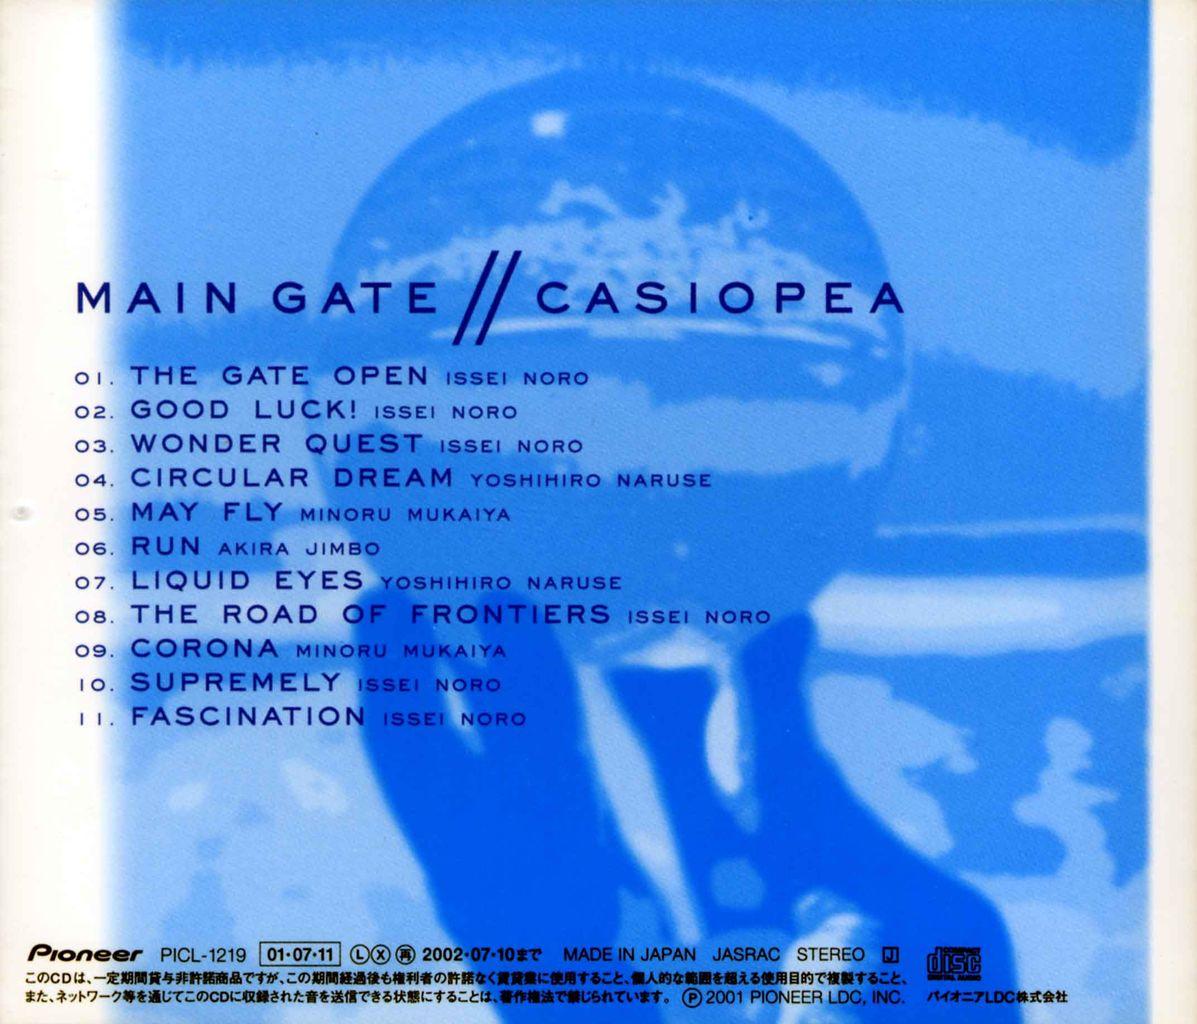 MAIN GATE-2